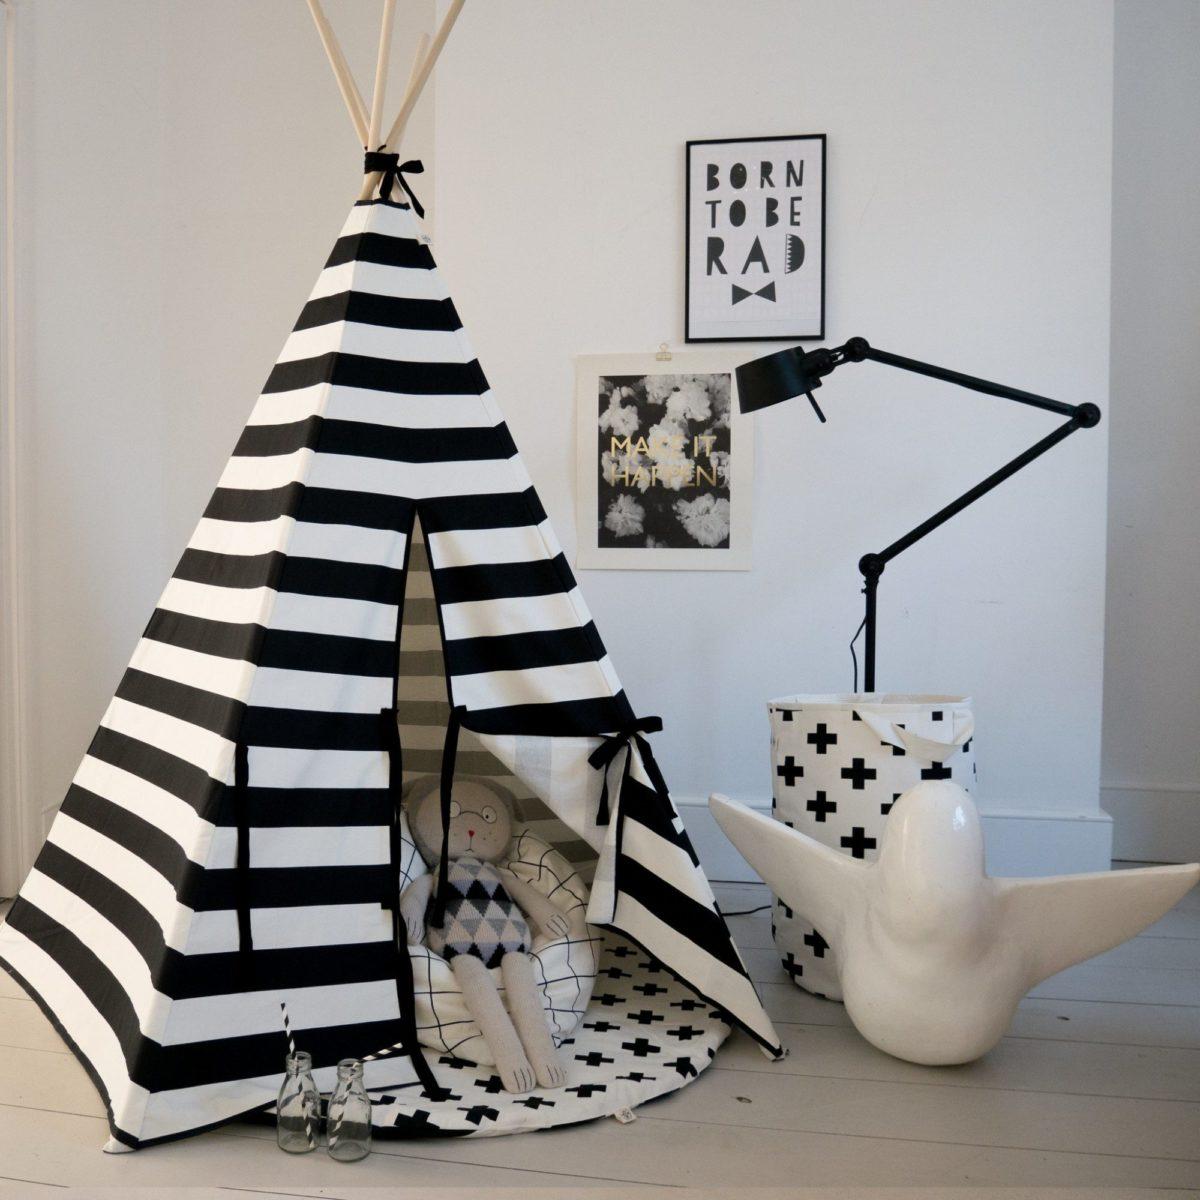 9mini-maison_wildfire-teepee-monochrome-stripe-with-black-trim-1200x1200.jpg